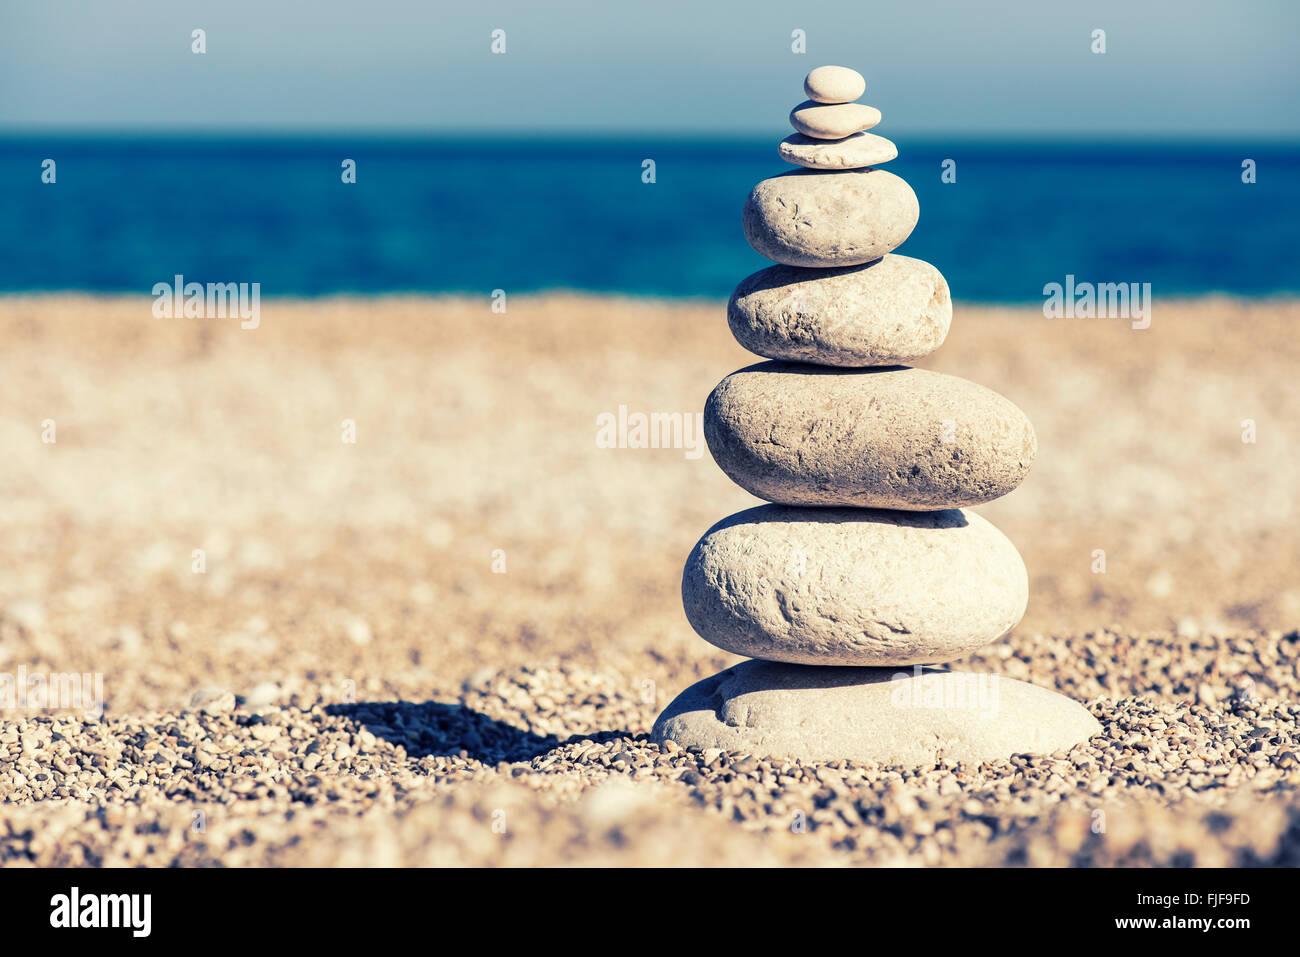 Balance de piedras, vintage retro instagram como jerarquía pila mar azul de fondo. Spa o de bienestar, libertad Imagen De Stock